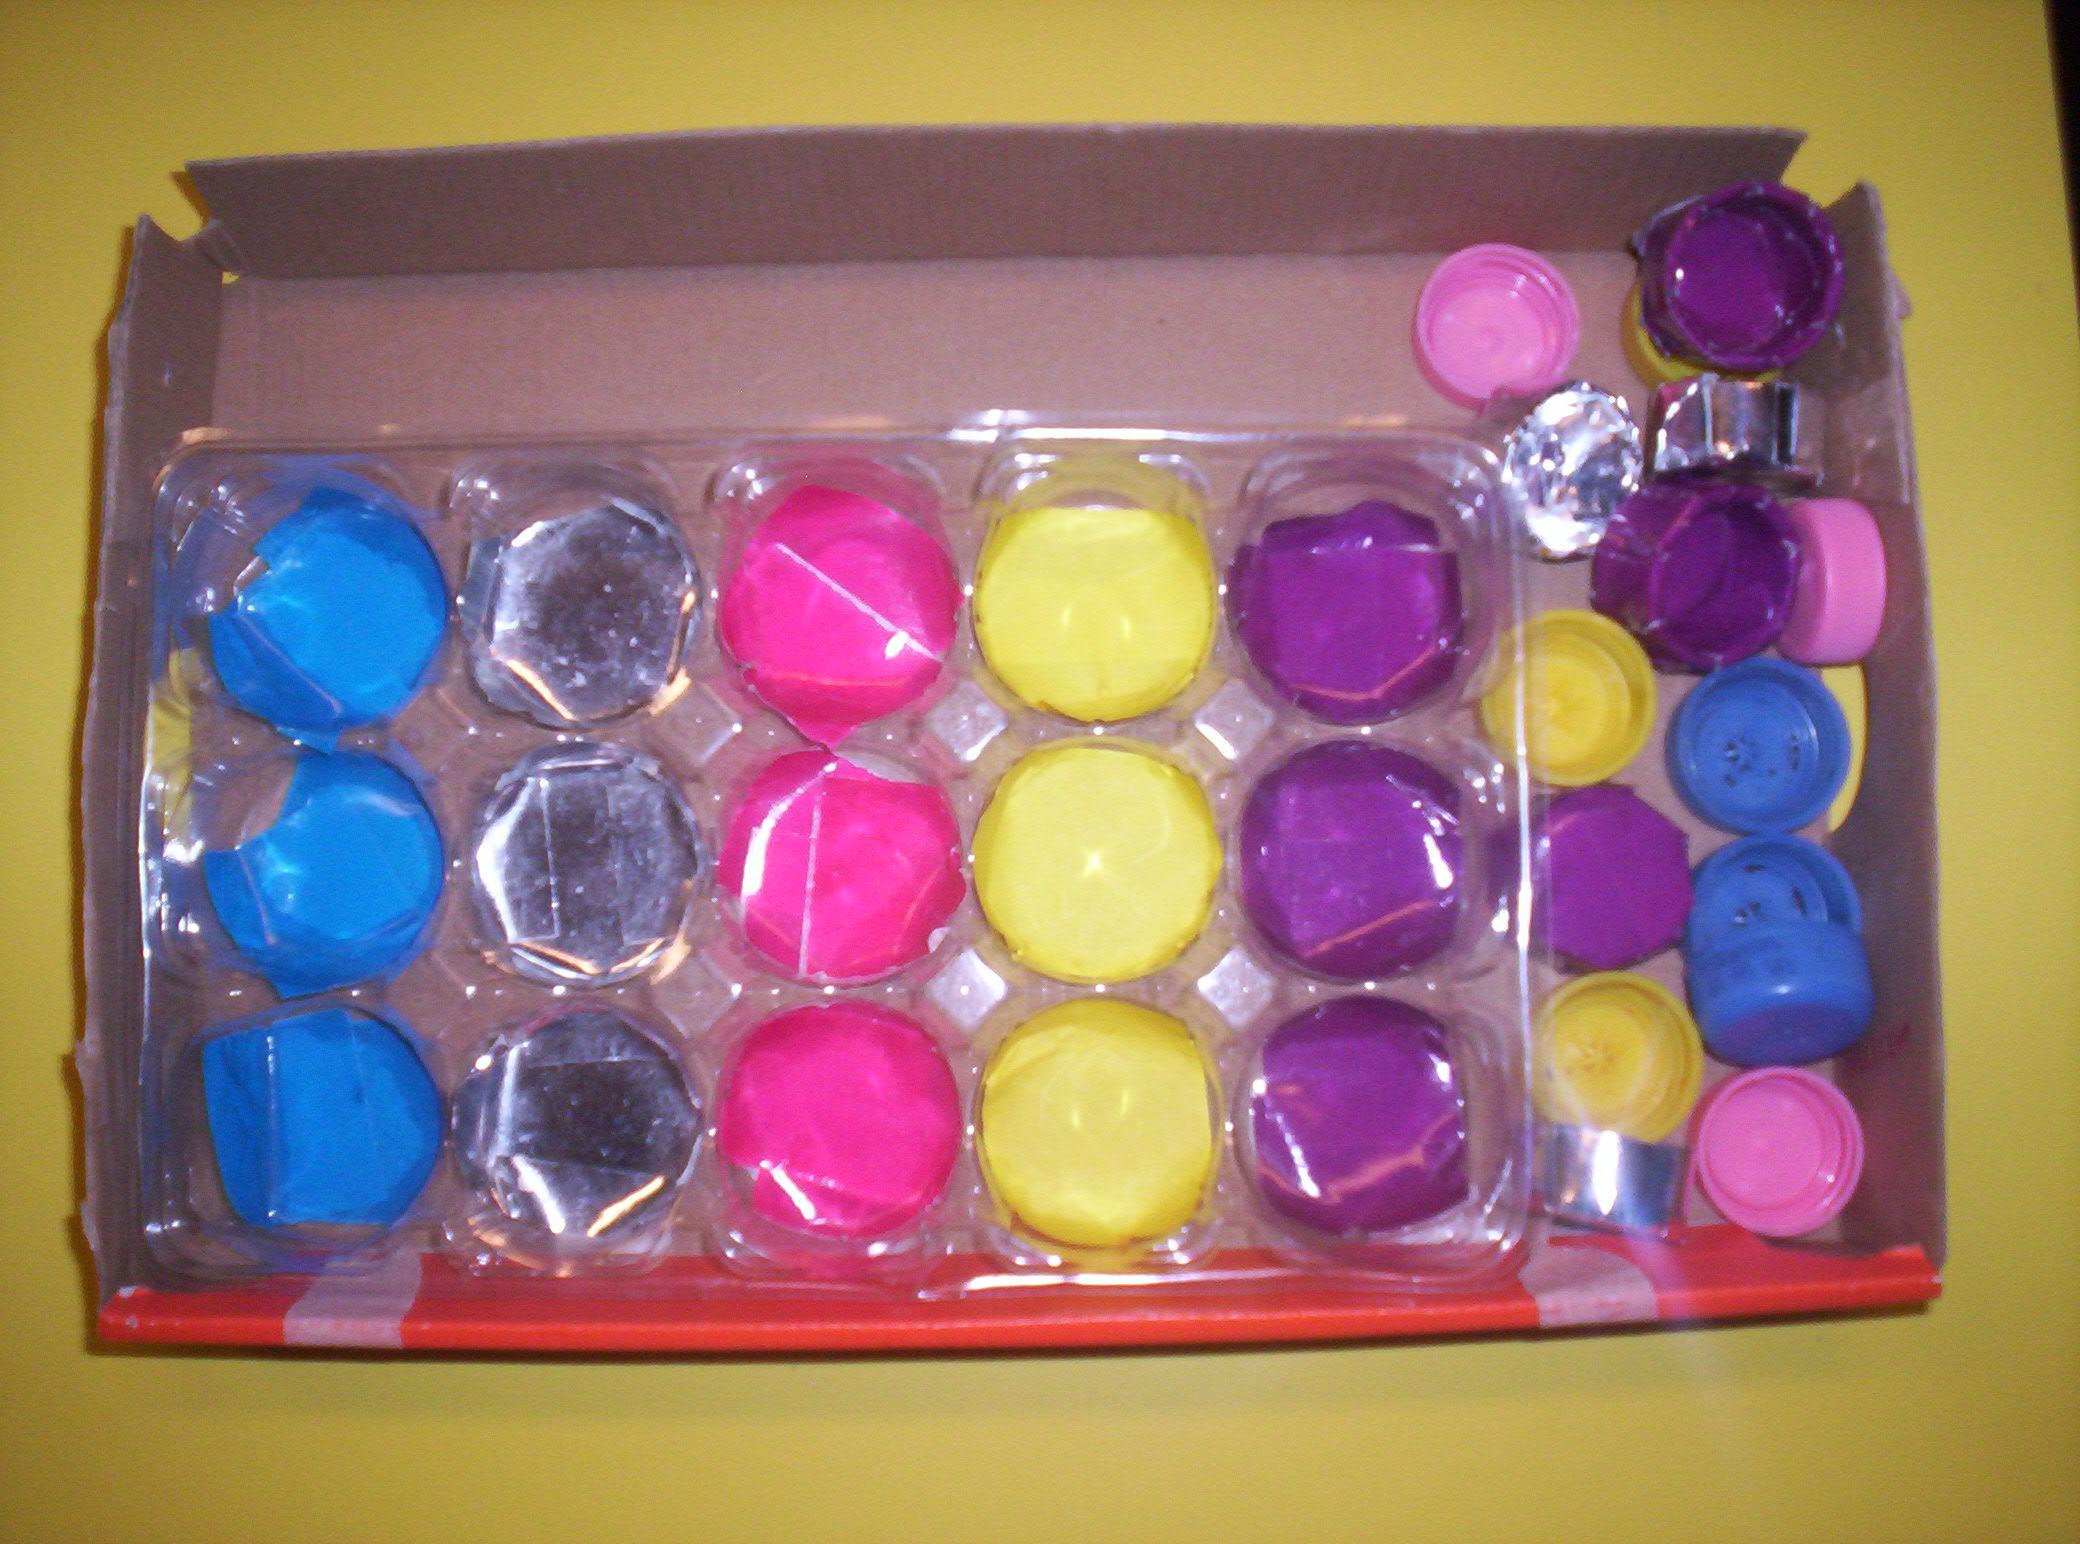 Scatola che contiene una vaschetta di plastica divisa in scomparti colorati e tappi colorati.